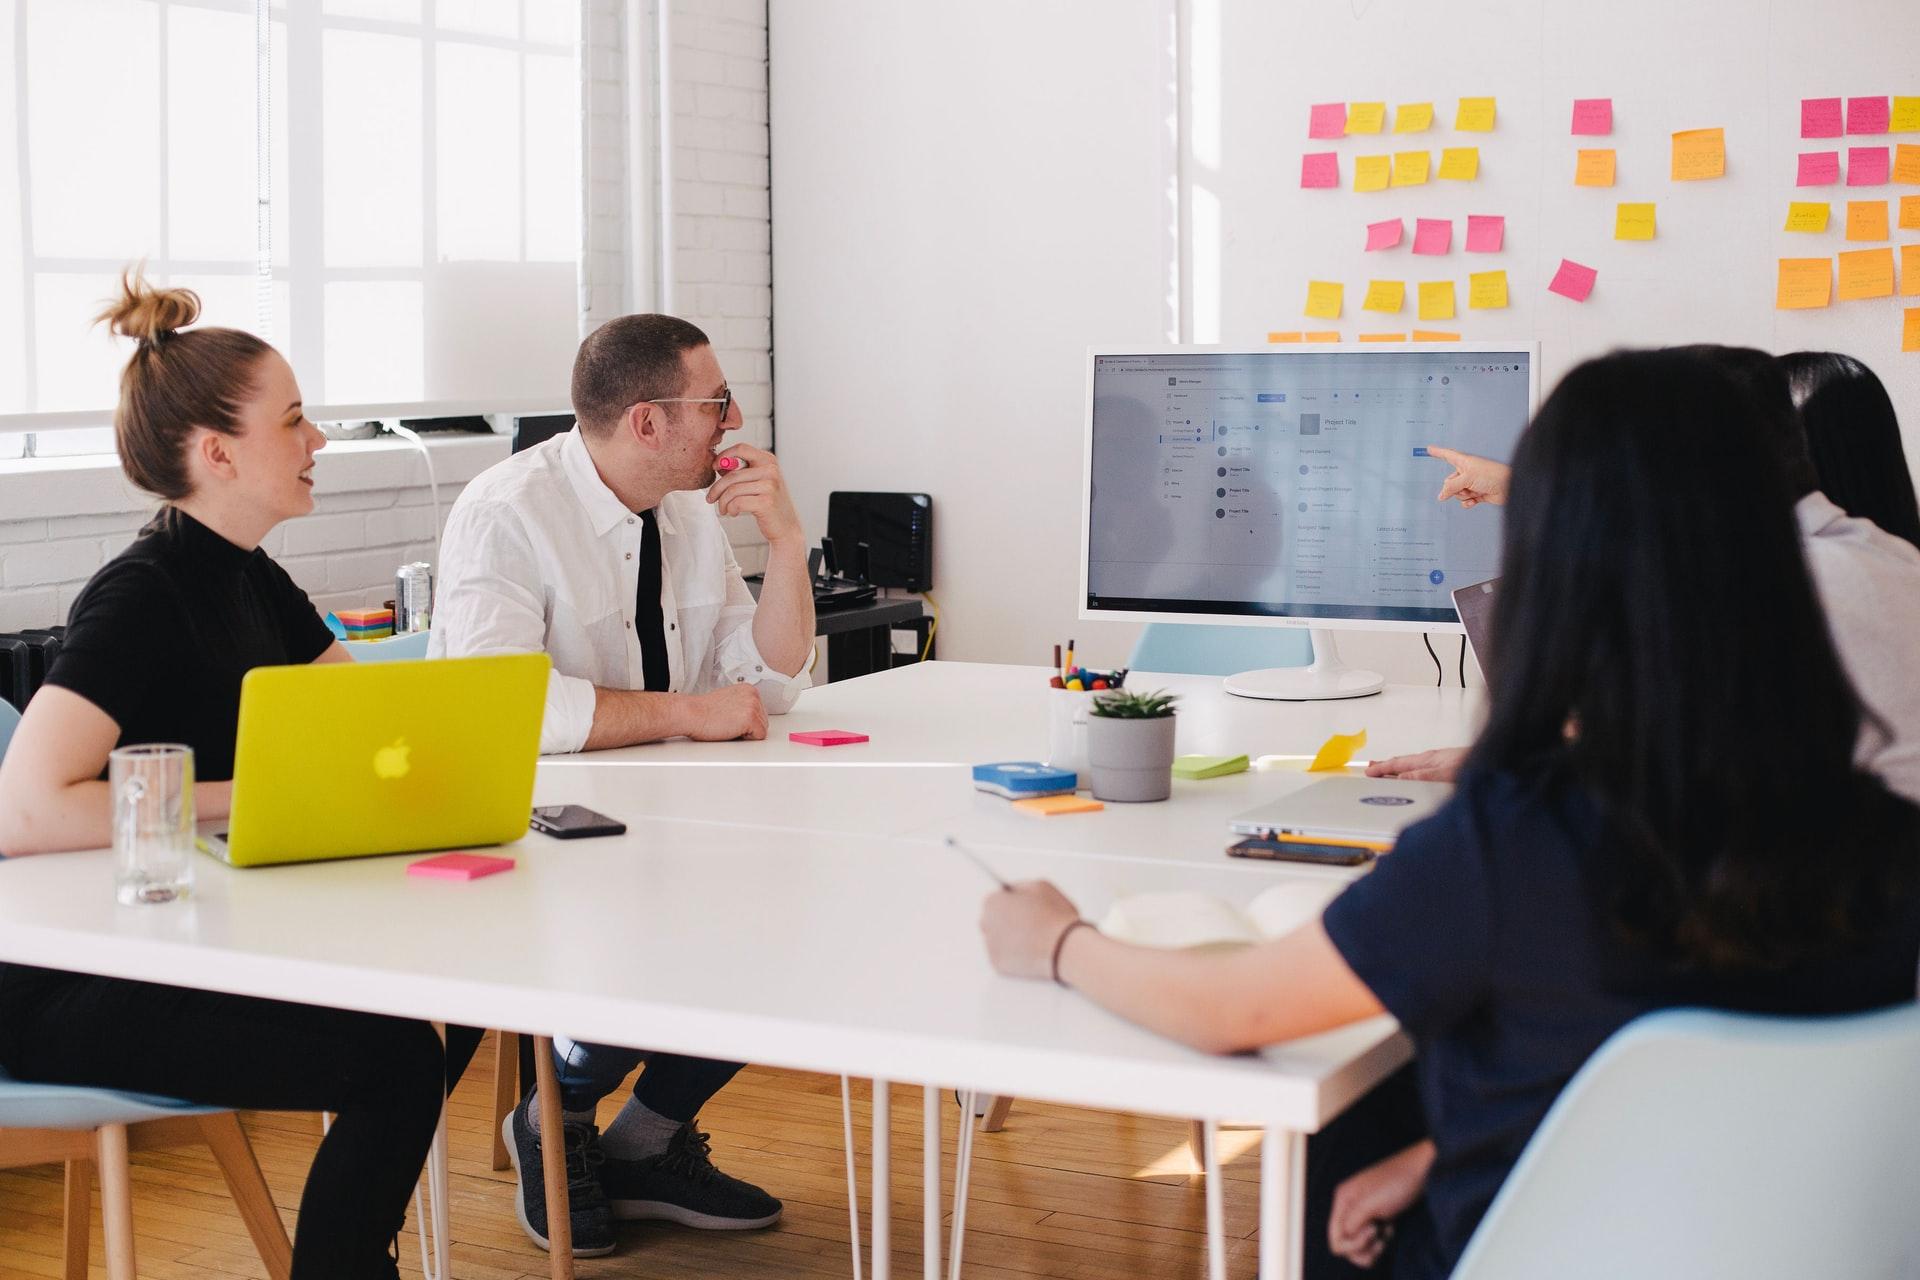 Das Team von ms medien design - Werbeagentur in Kirchzarten bei Freiburg